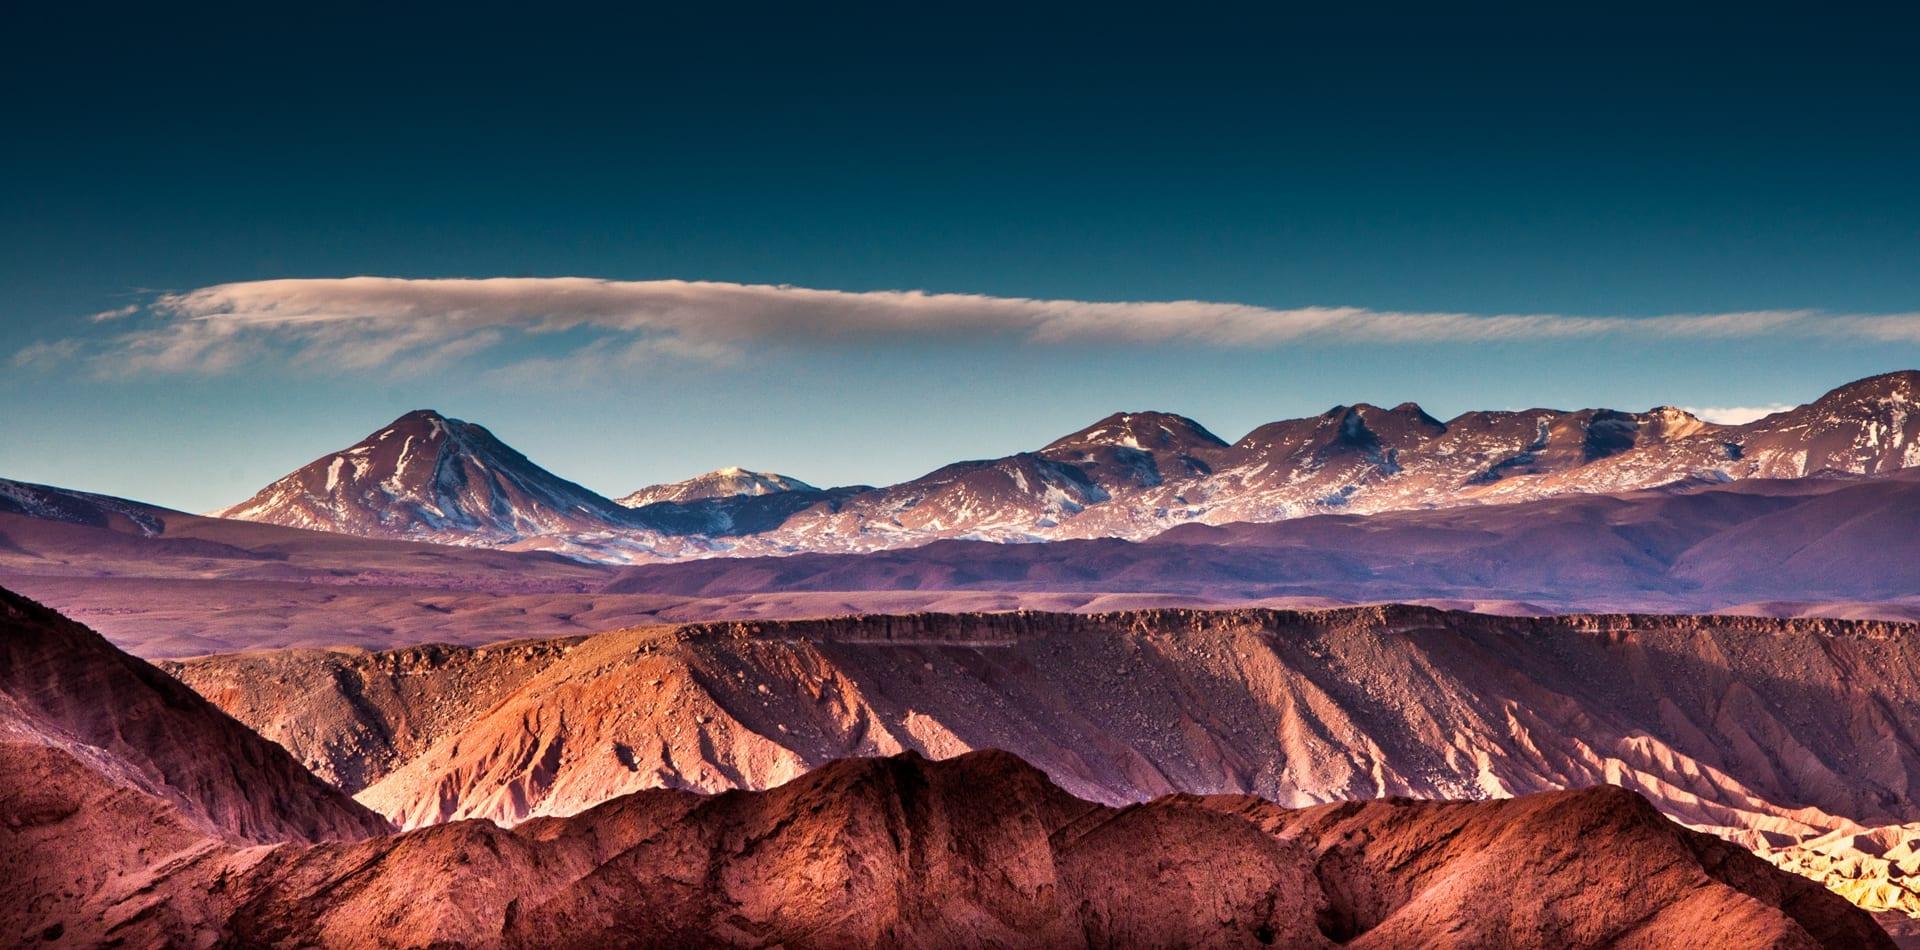 Chile Mountains Desert landscape